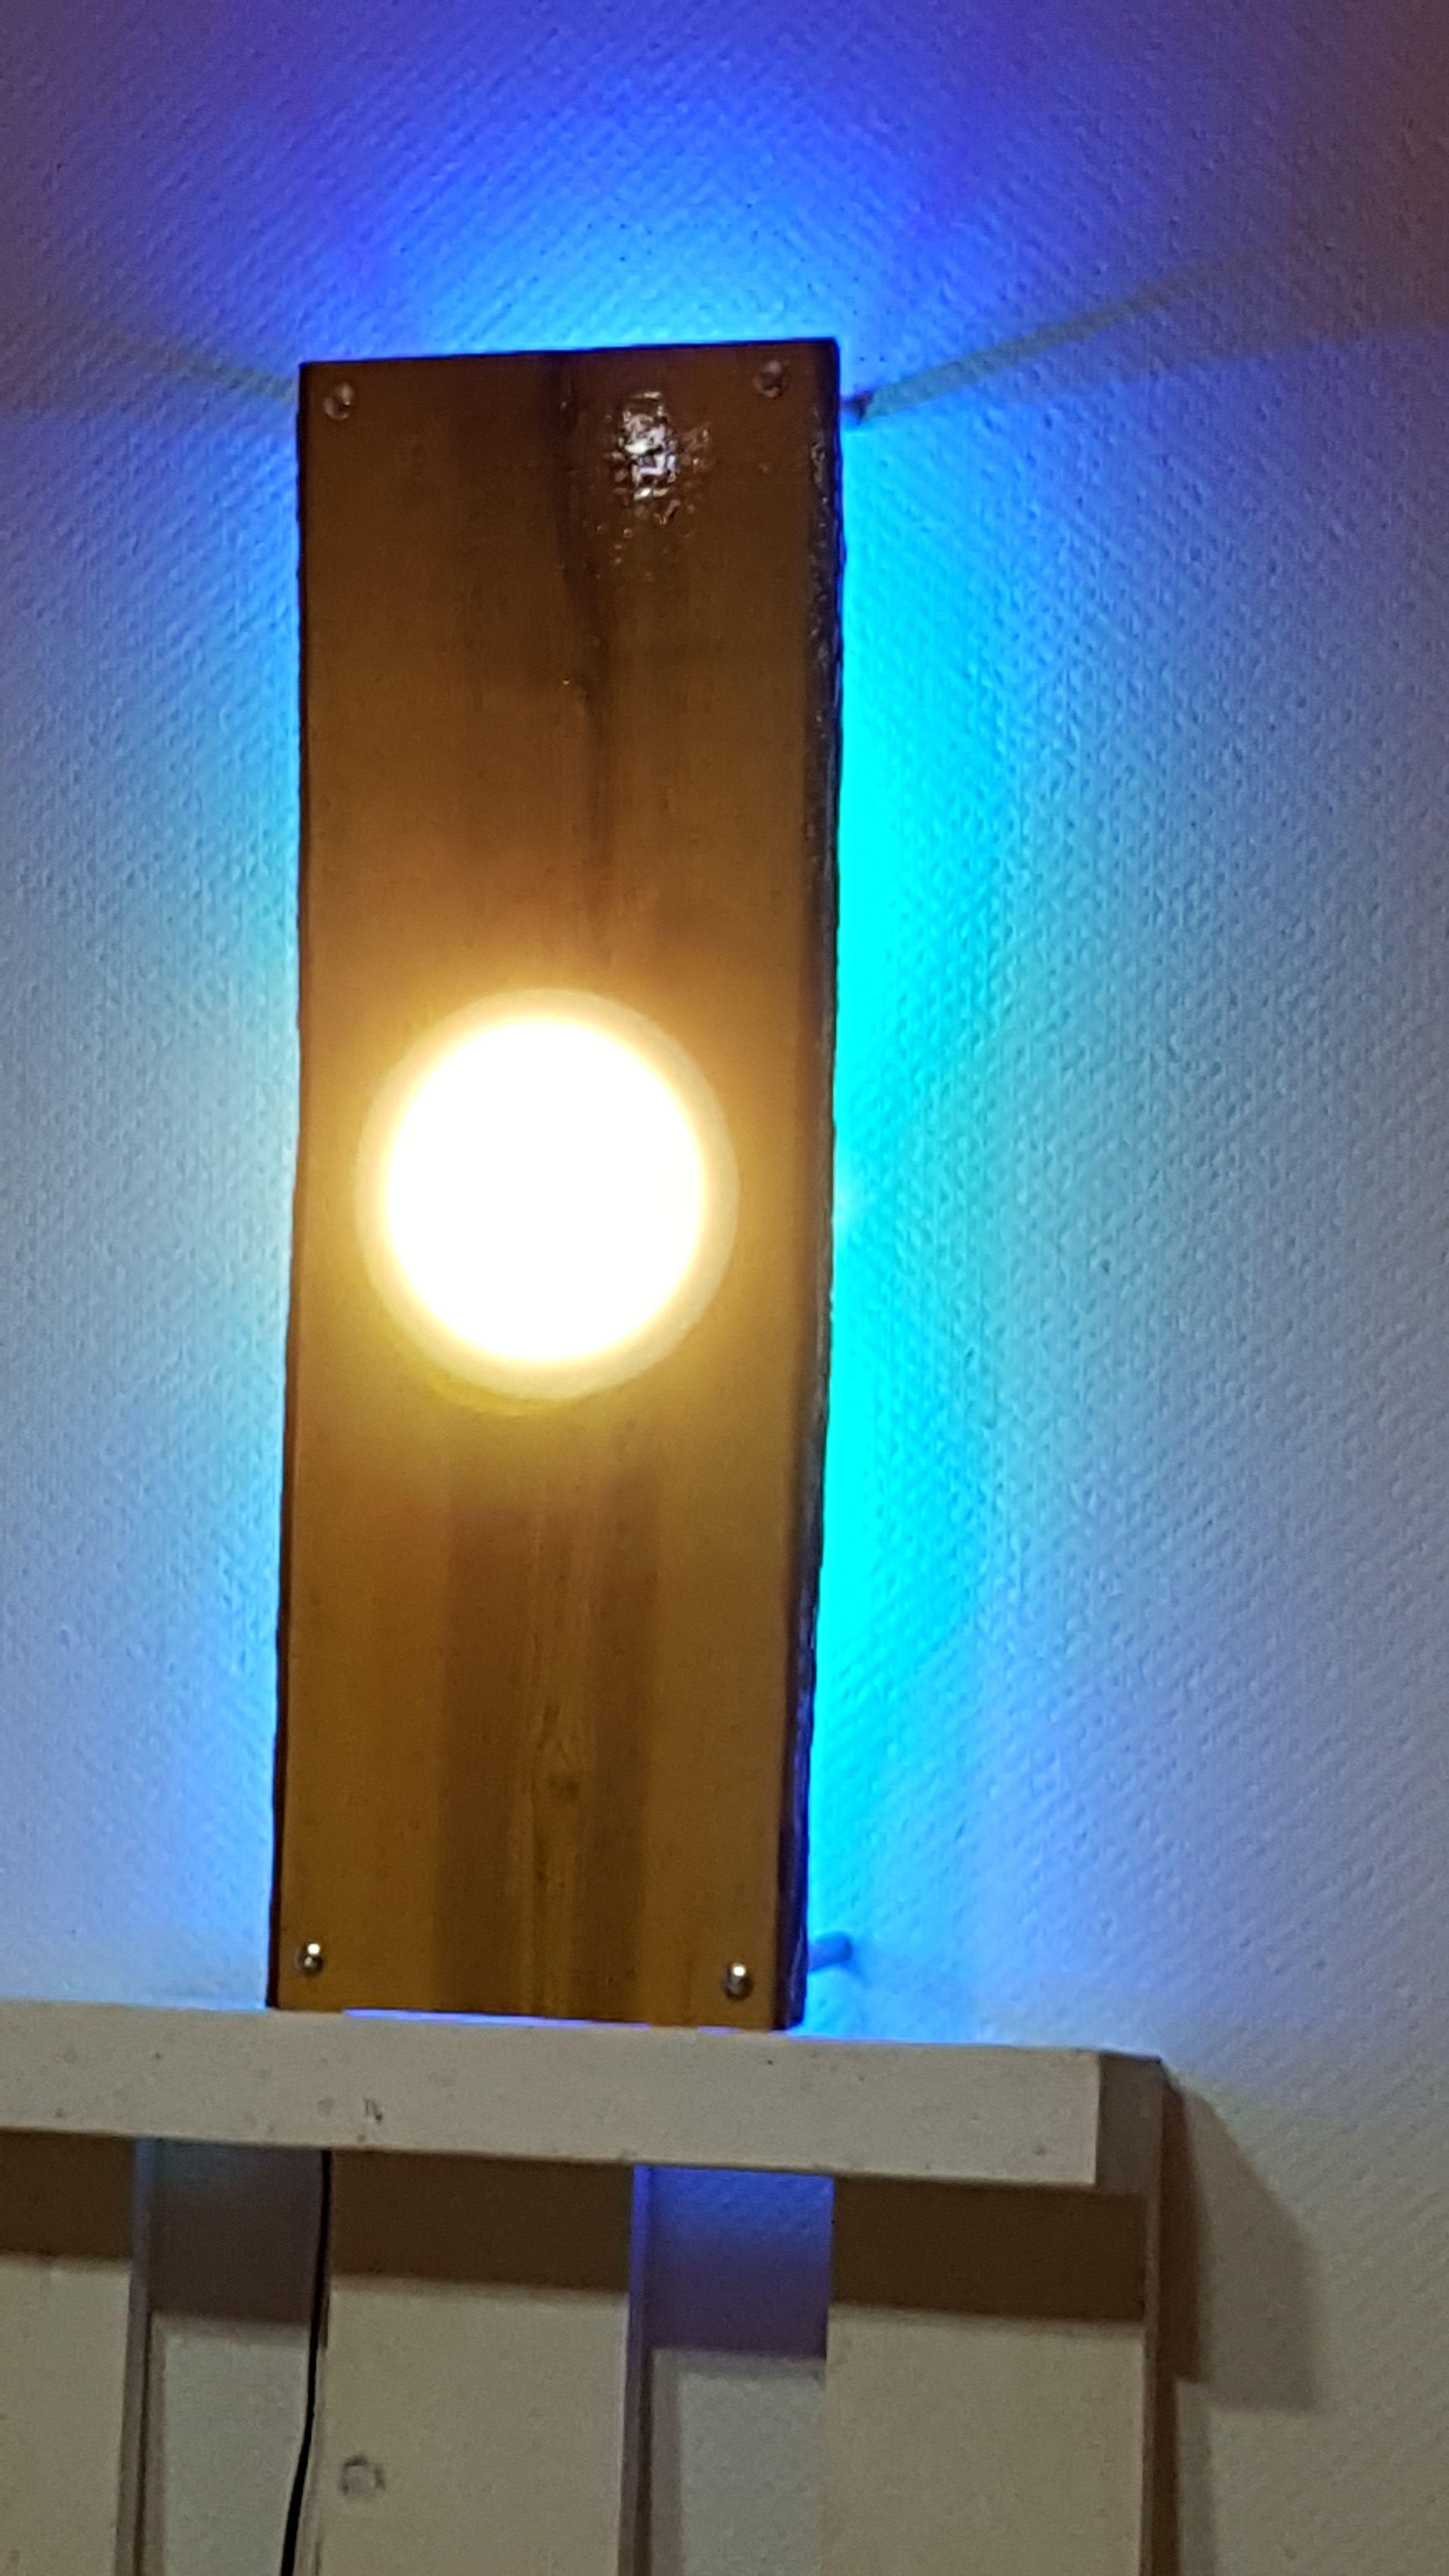 Beleuchtung Led Hintergrundbeleuchtung Beleuchtung Hintergrundbeleuchtung